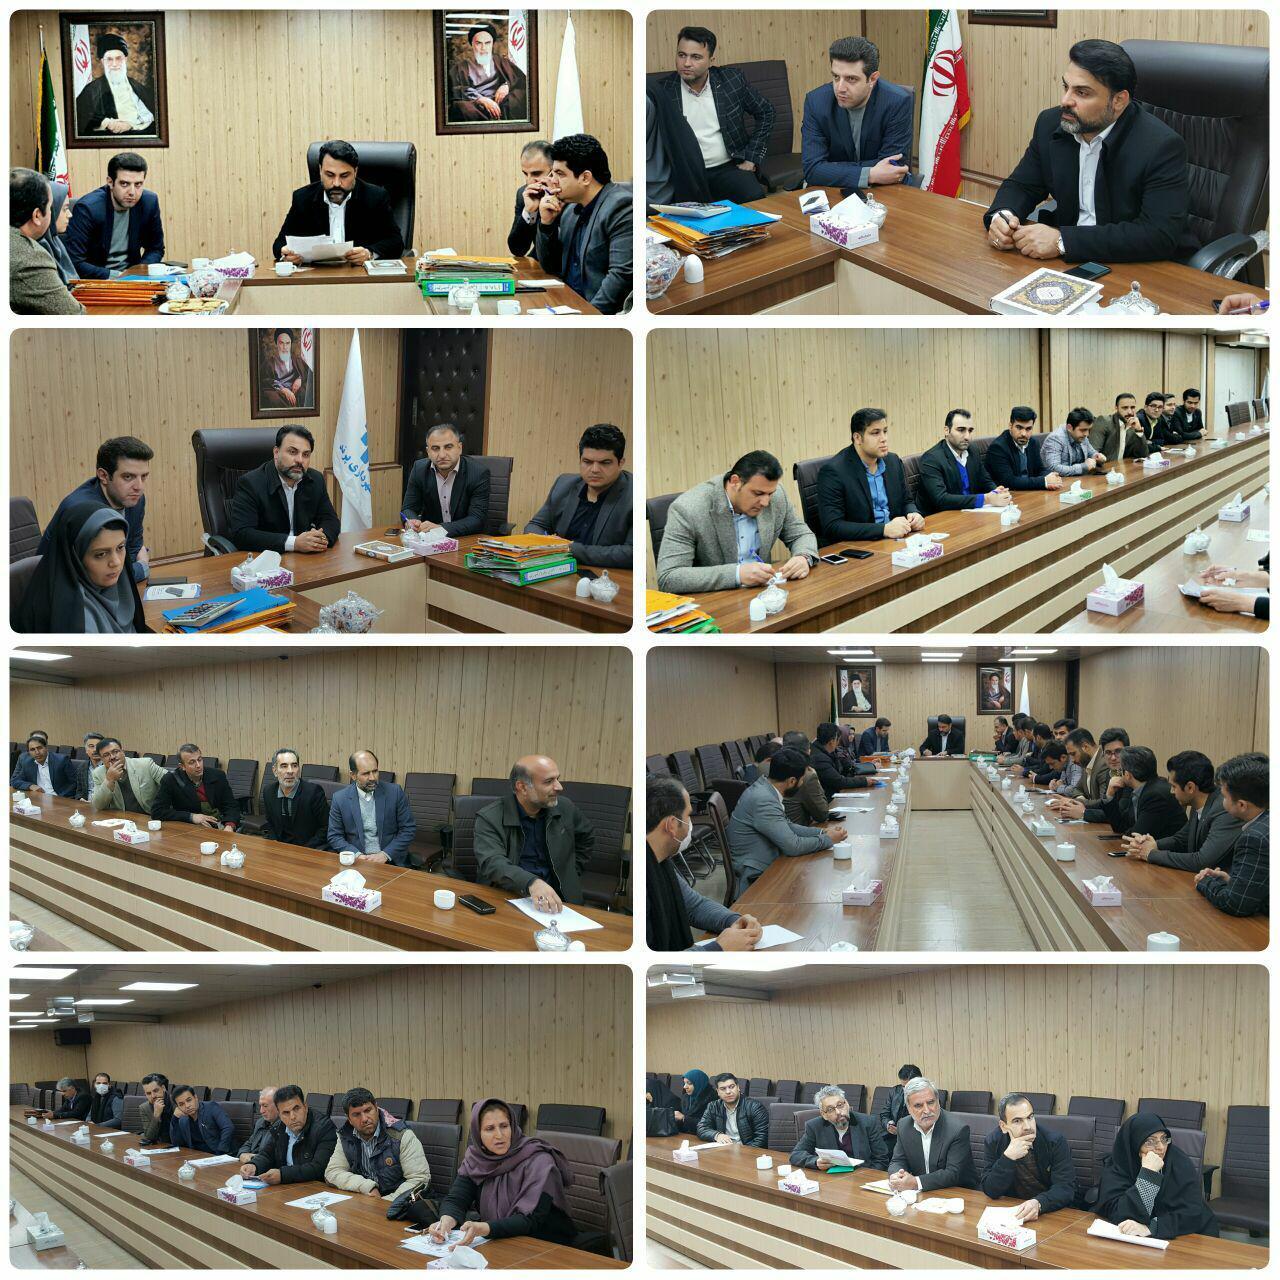 در جلسه ملاقات مردمی با شهردار پرند پیگیری شد: پاسخگویی مستقیم به مطالبات و درخواست های شهروندان